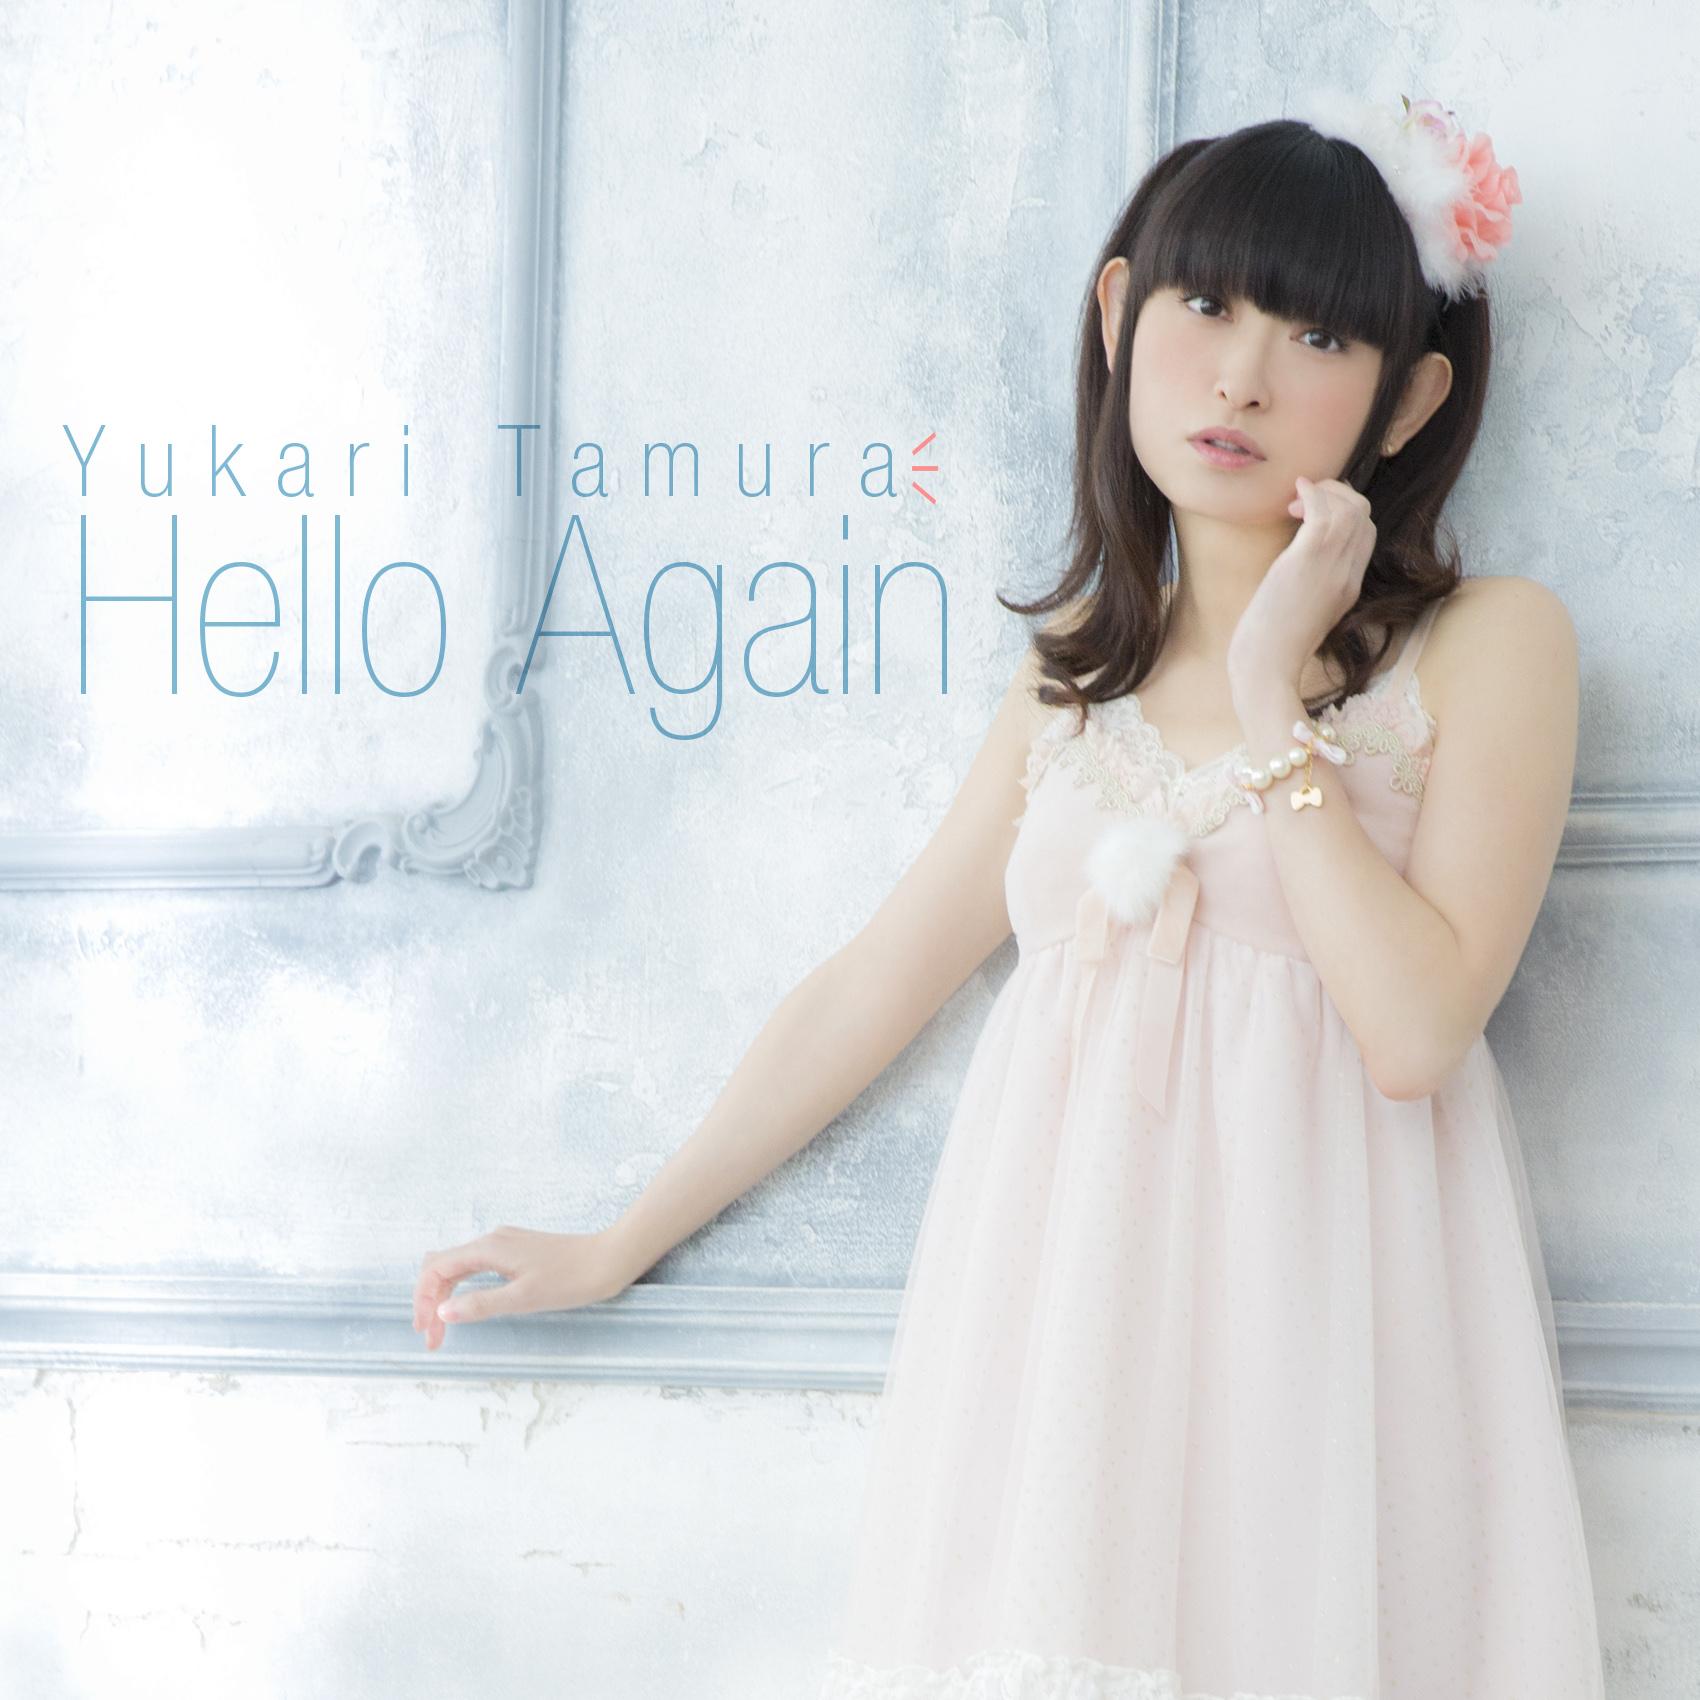 田村ゆかり 2年2ヶ月ぶりの新曲「Hello Again」発表!